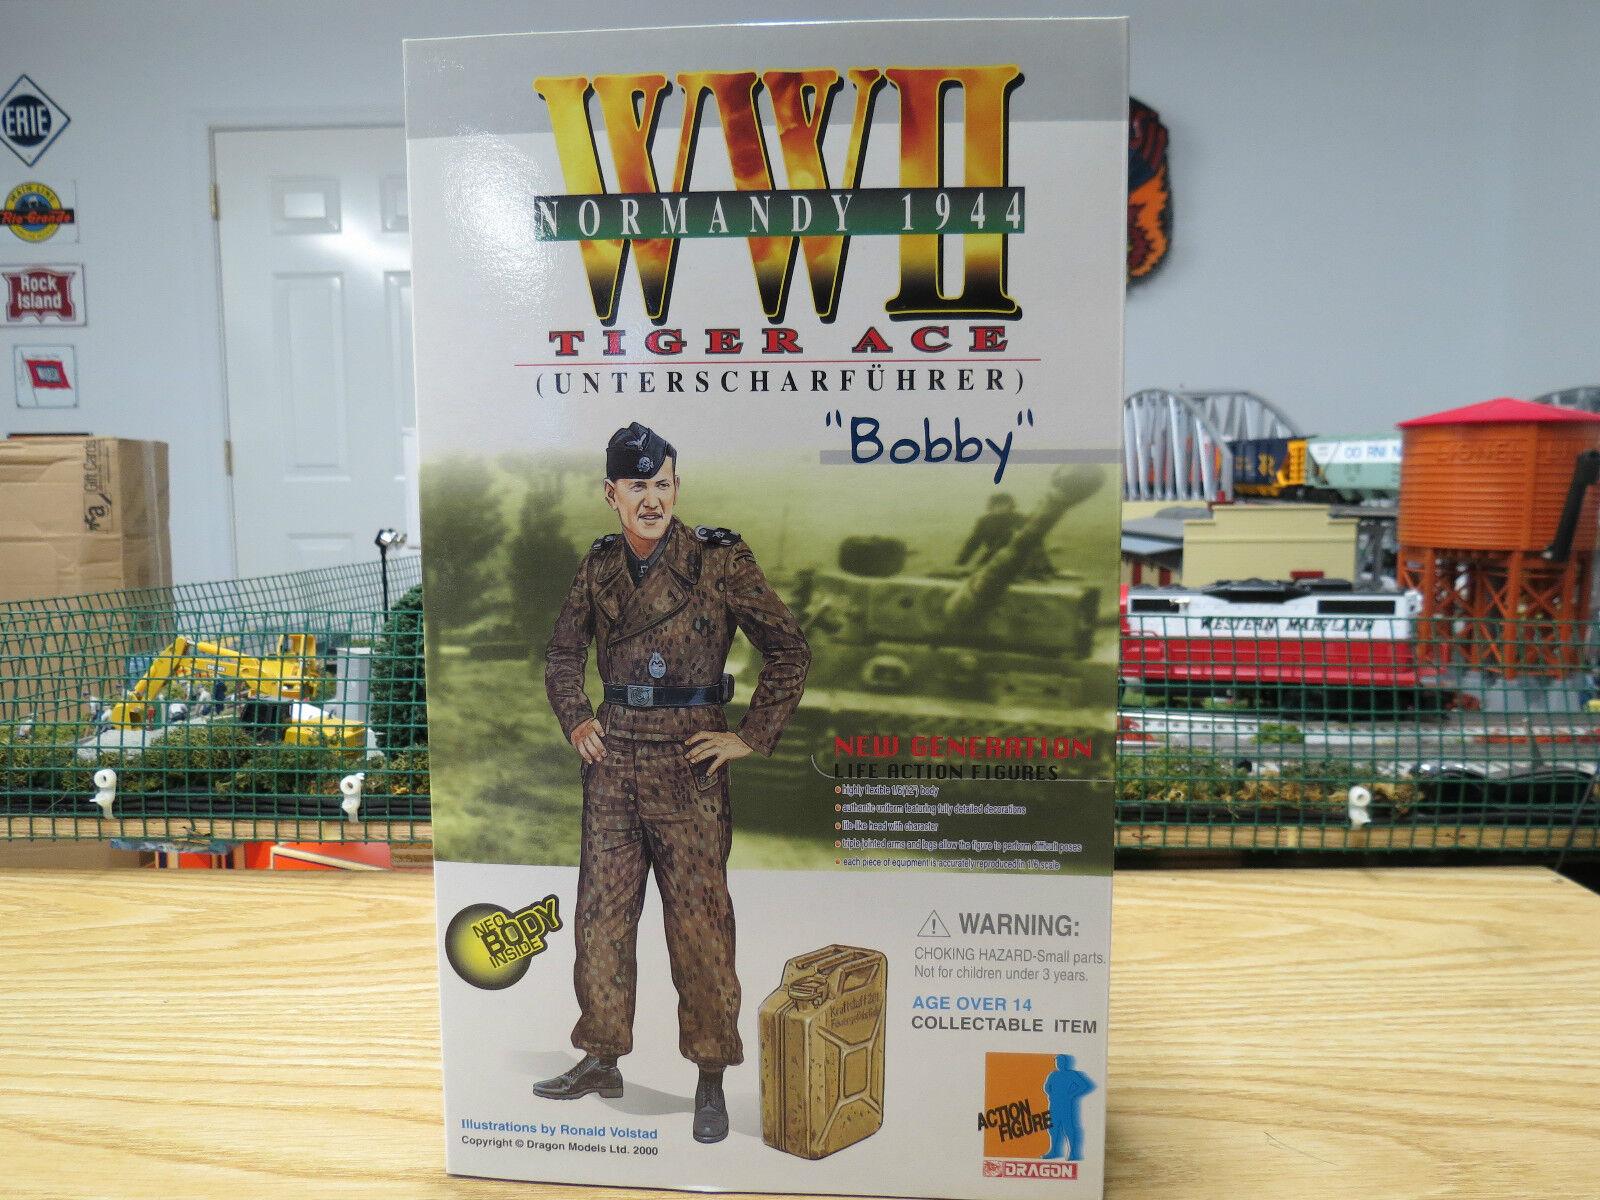 Dragon Rare WW II Noruomody 1944 Geruomo  Tiger Ace   Bobby  , nuovo Mint Condition  negozio a basso costo